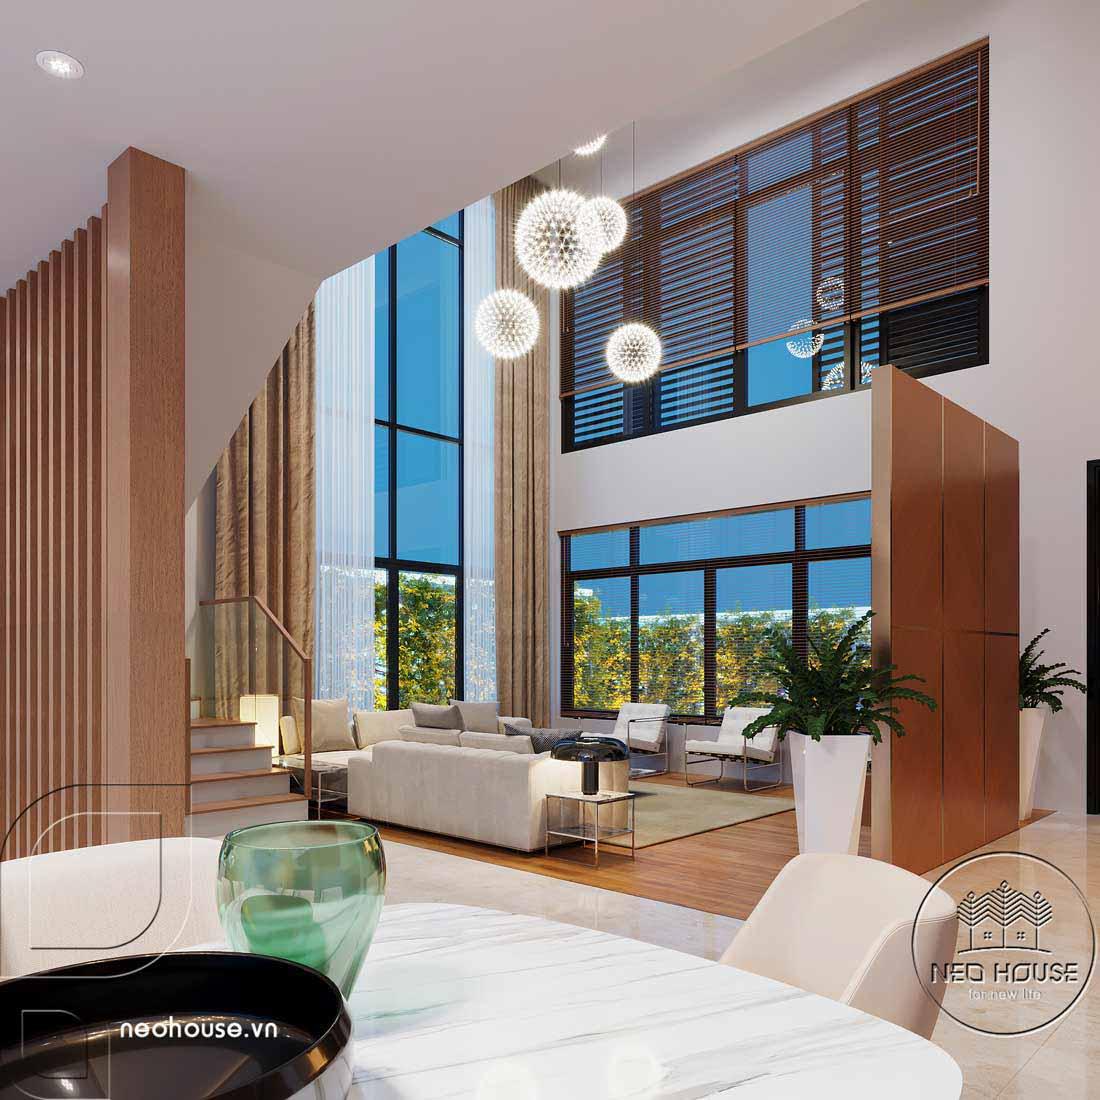 Thiết kế nội thất biệt thự cao cấp 2 tầng. Ảnh 3